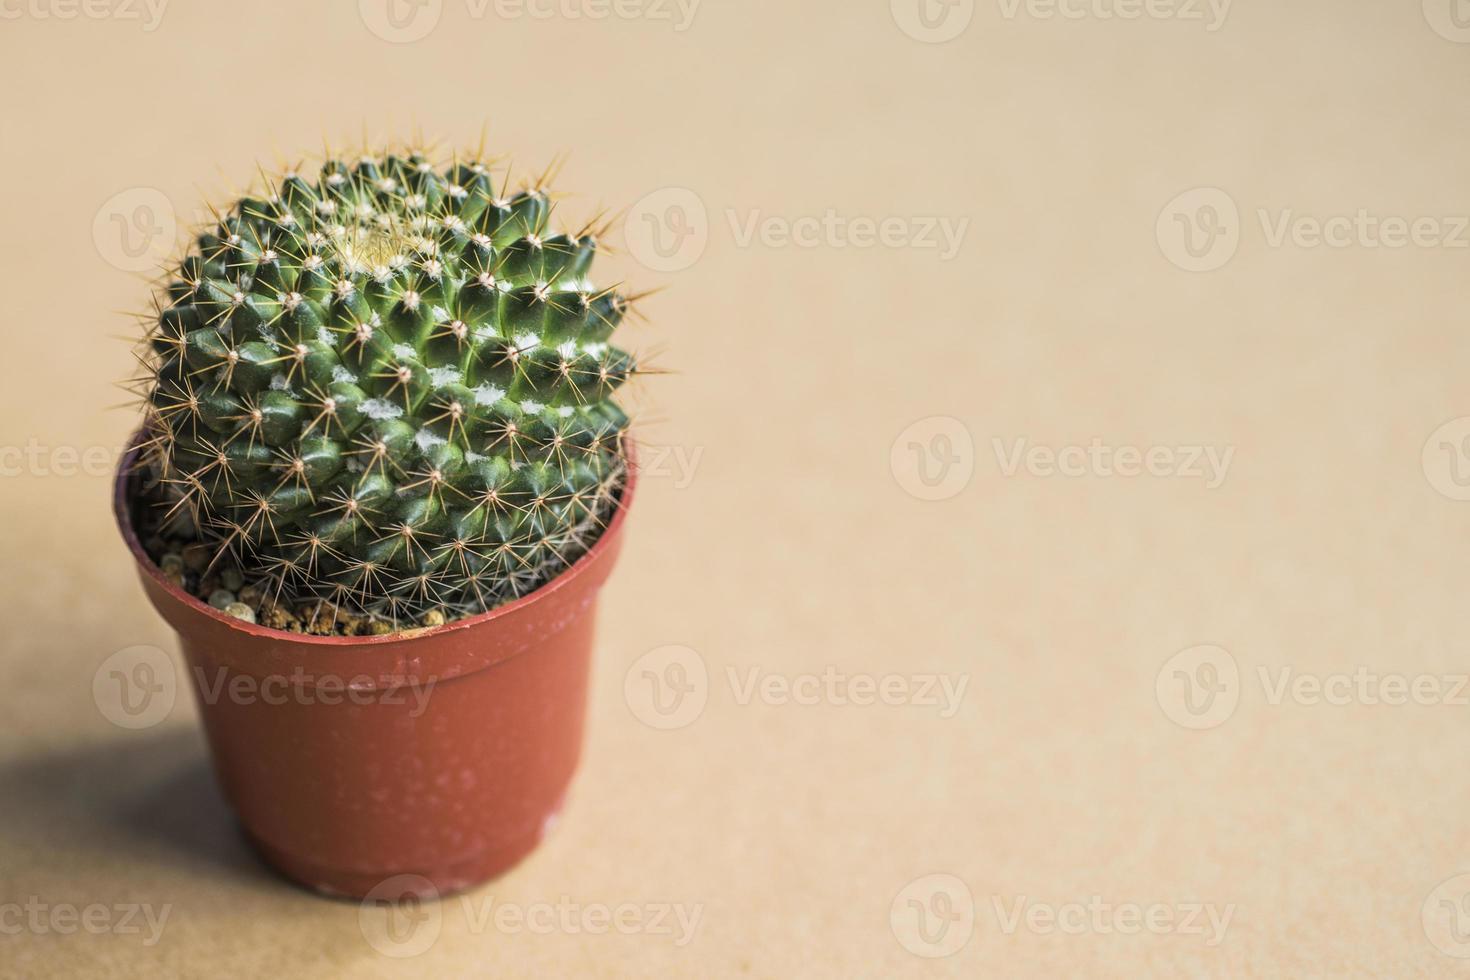 Home furnishings cactus photo